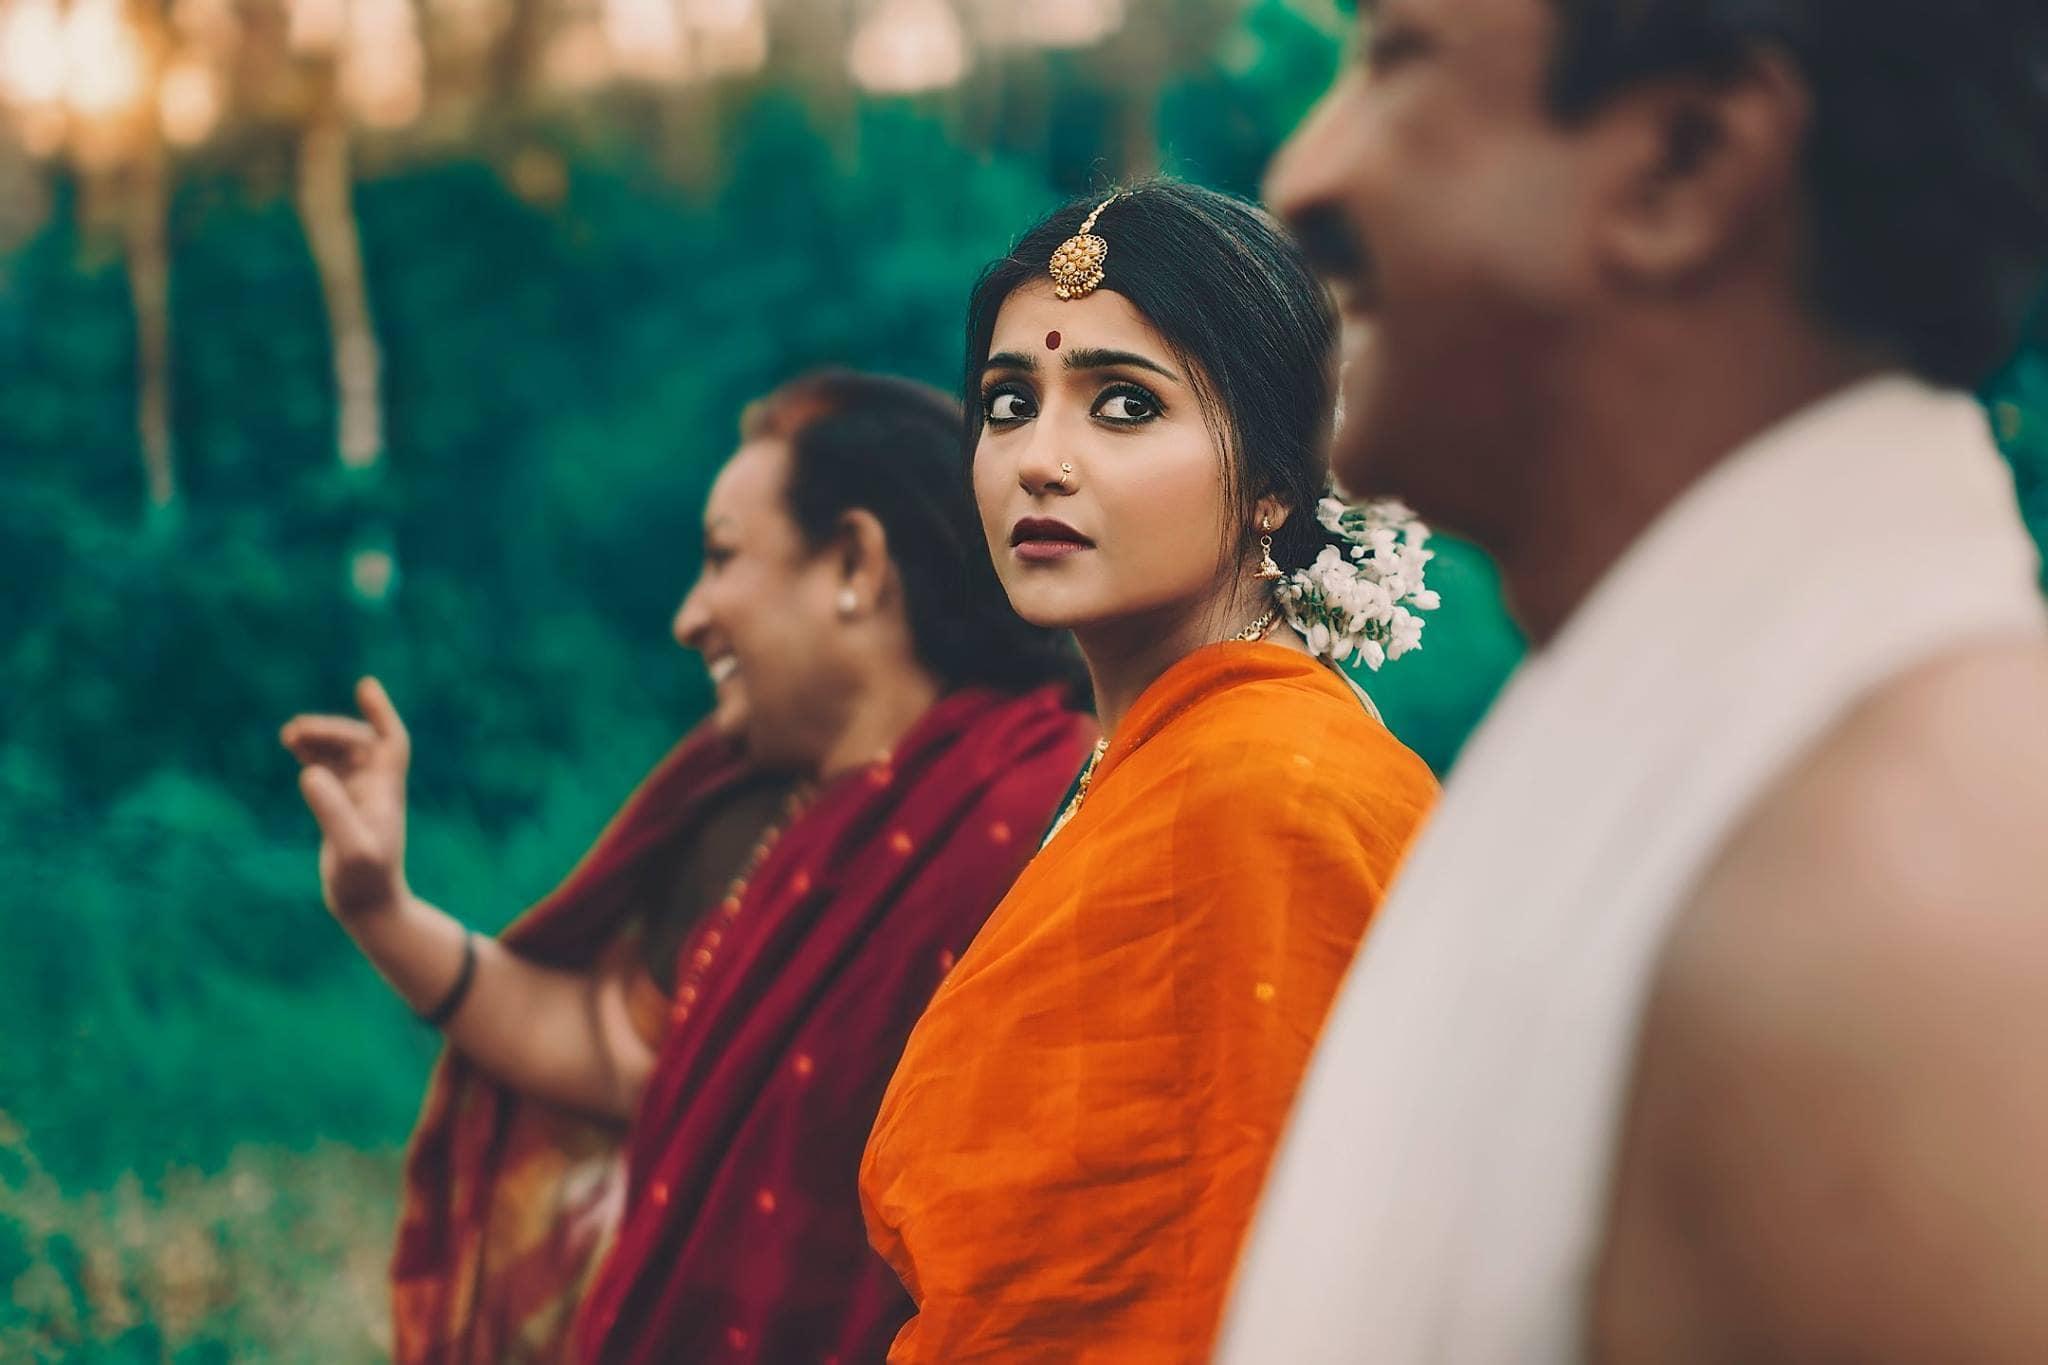 An-Award-winning-photo-story-Avani-By-Arjun-Kamath-4